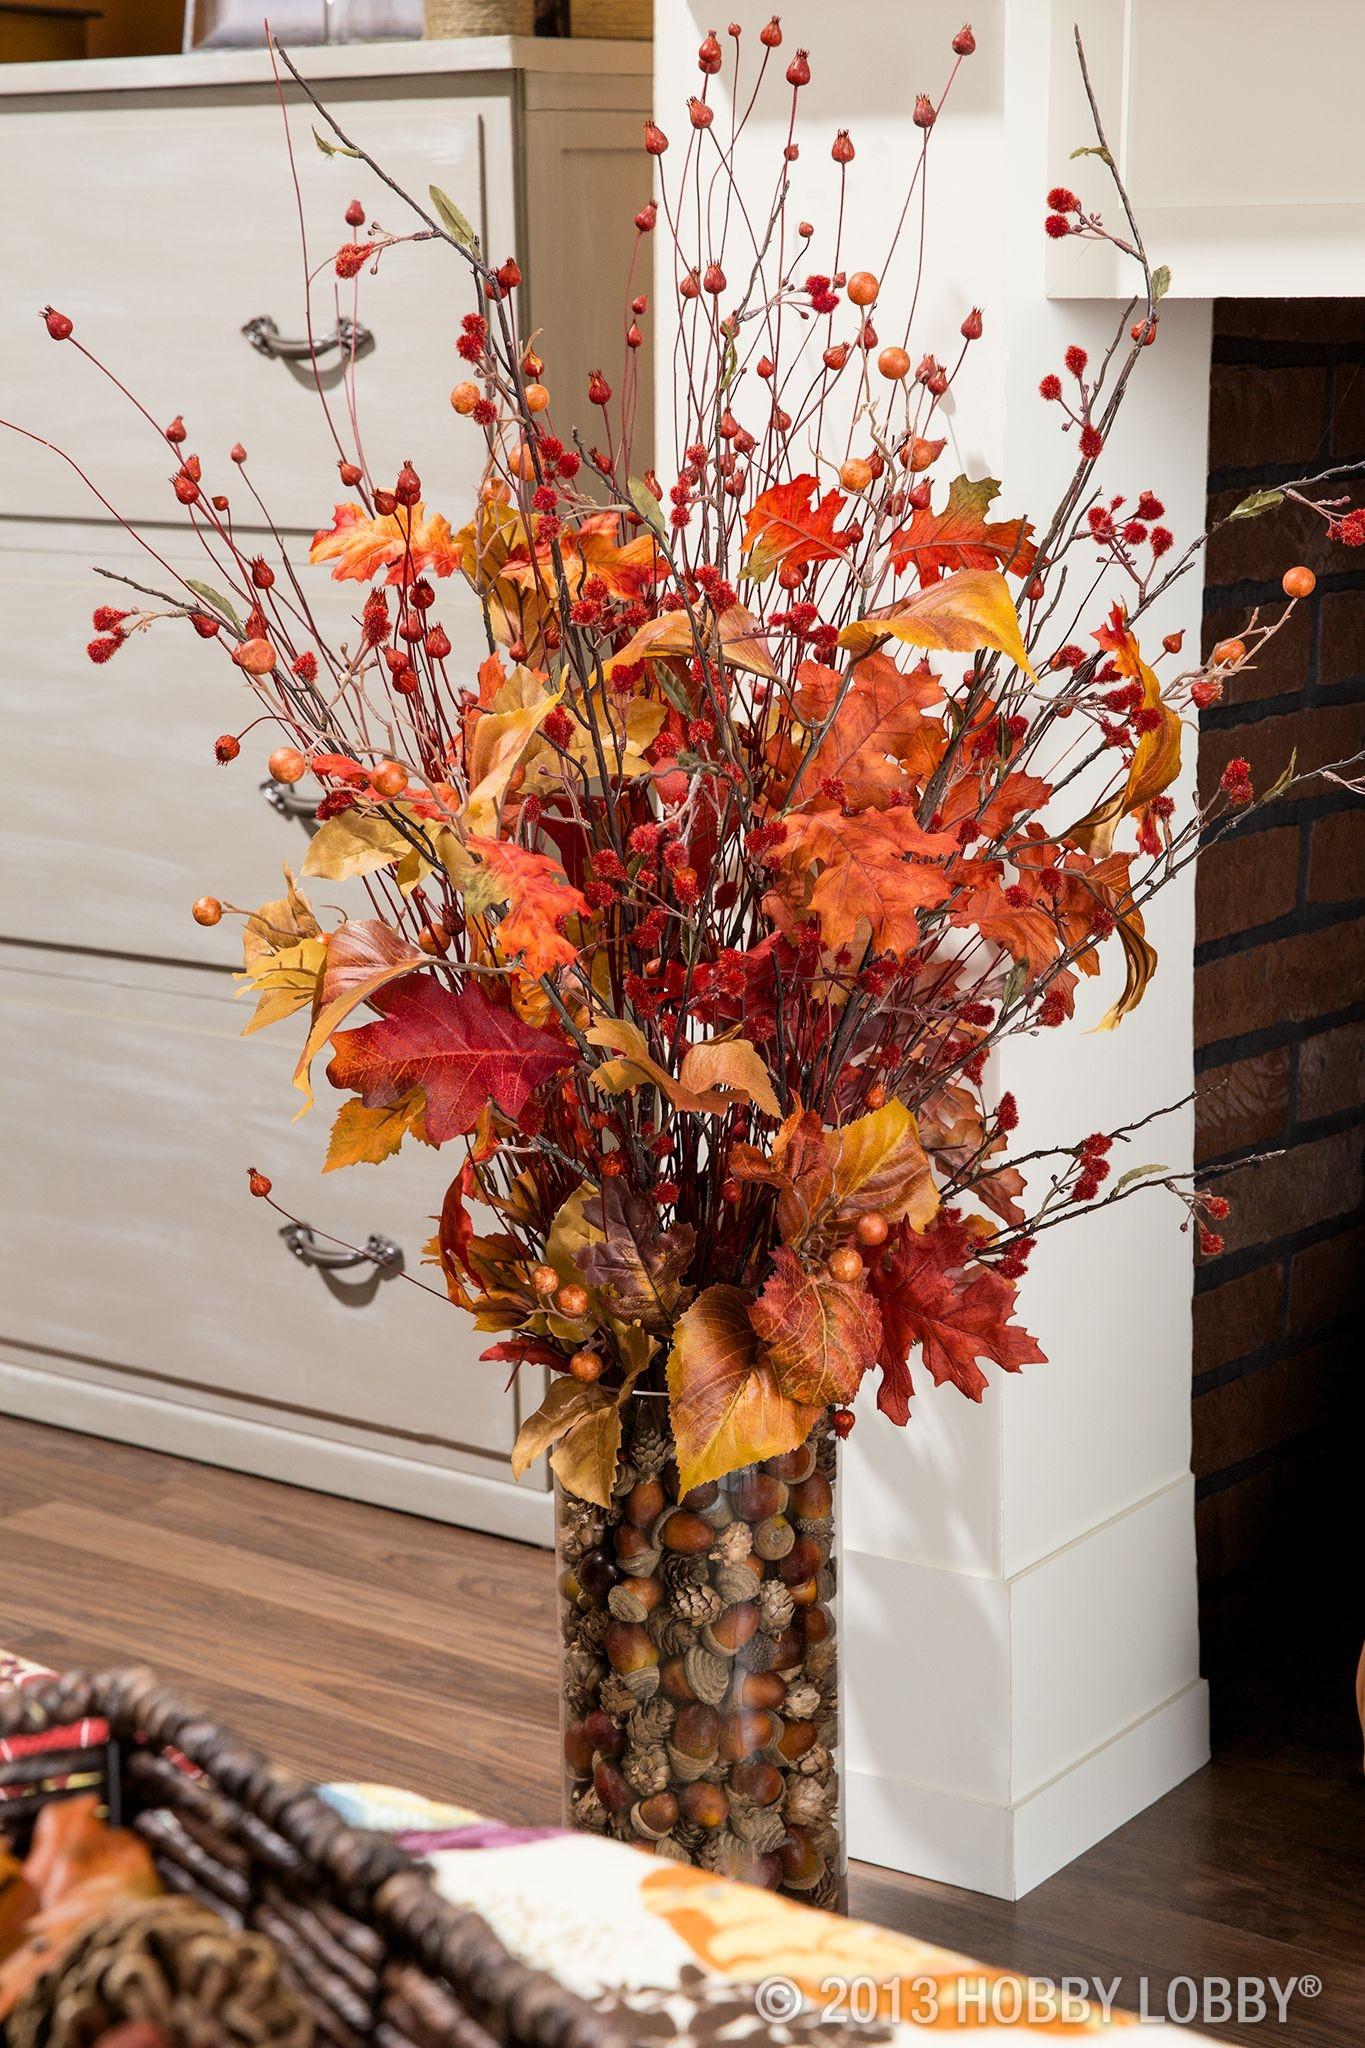 Vase for Long Stem Flowers Of Living Room 32 Artificial Flower Arrangements for Living Room Throughout Living Room32 Artificial Flower Arrangements for Living Room Superb 4 Home Decor Best H